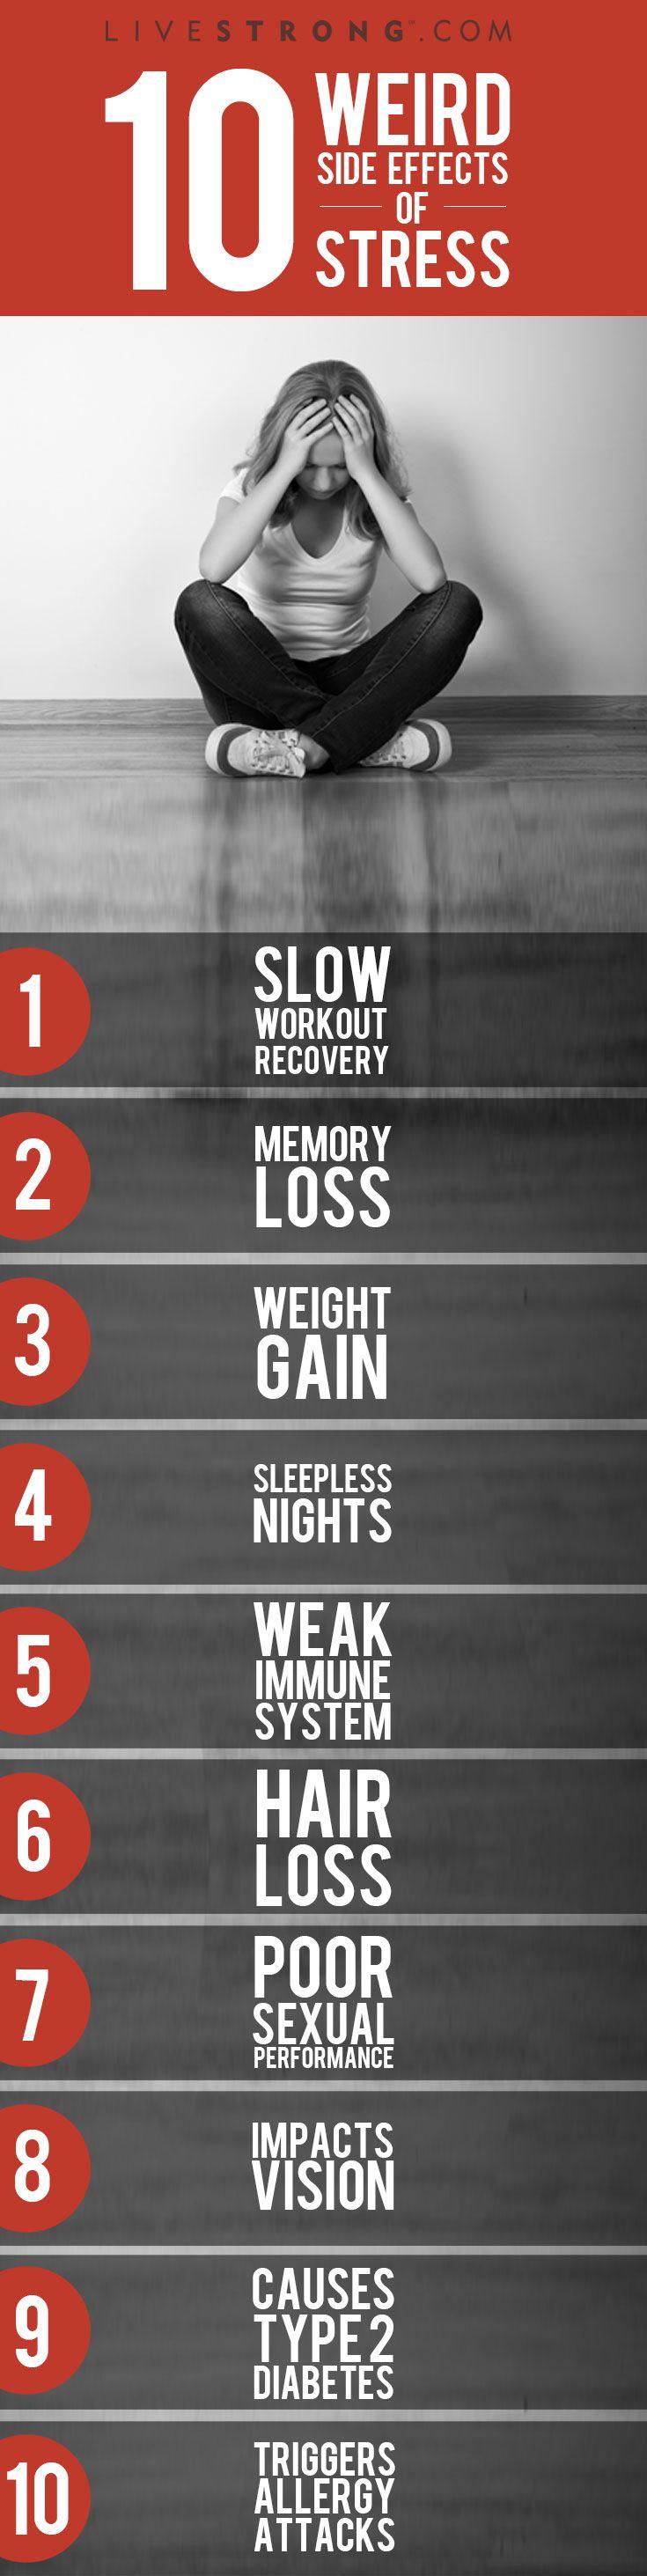 The 10 weirdest side effects of stress.